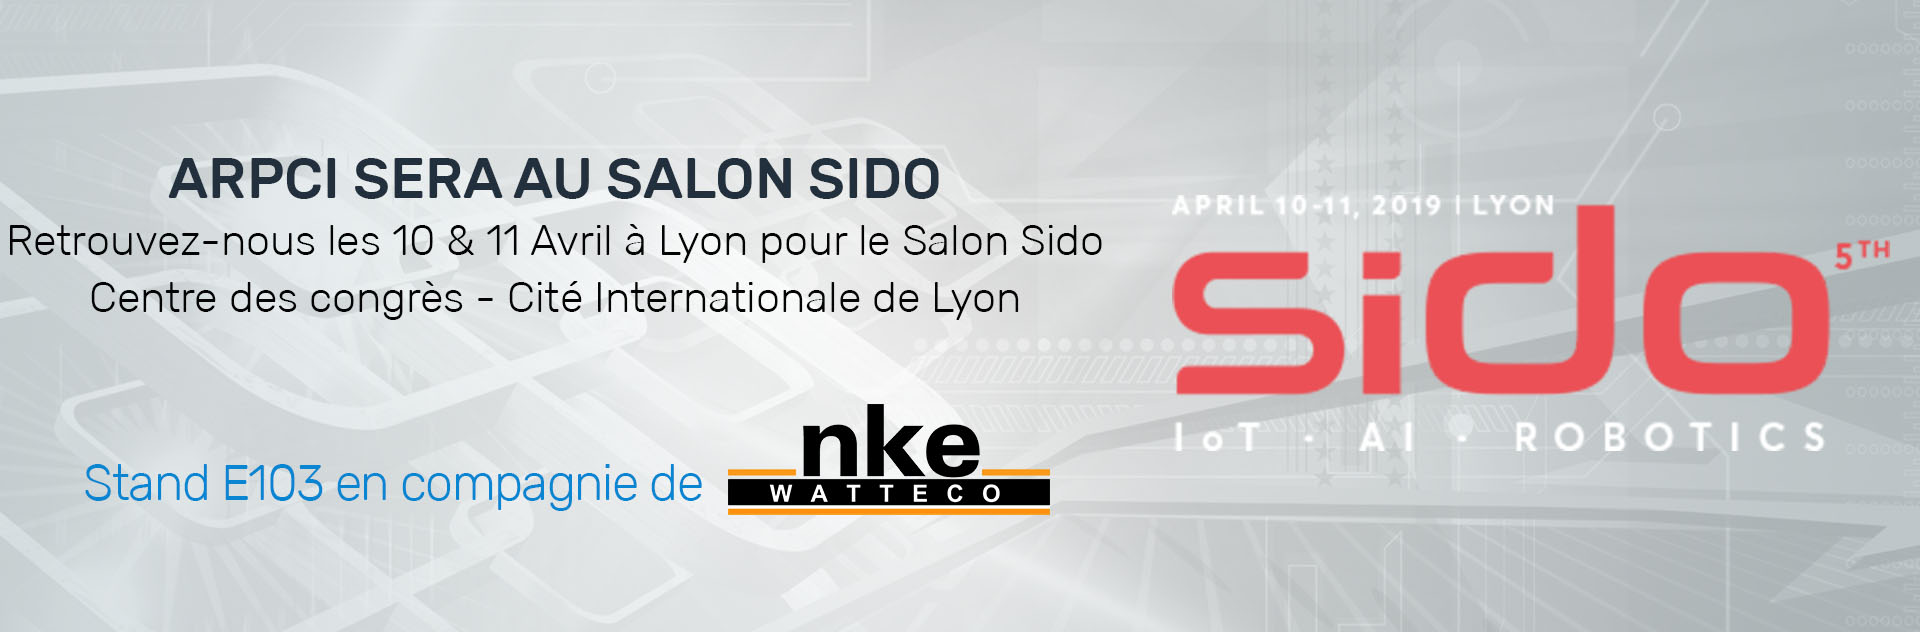 Bannière d'annonce du salon Sido